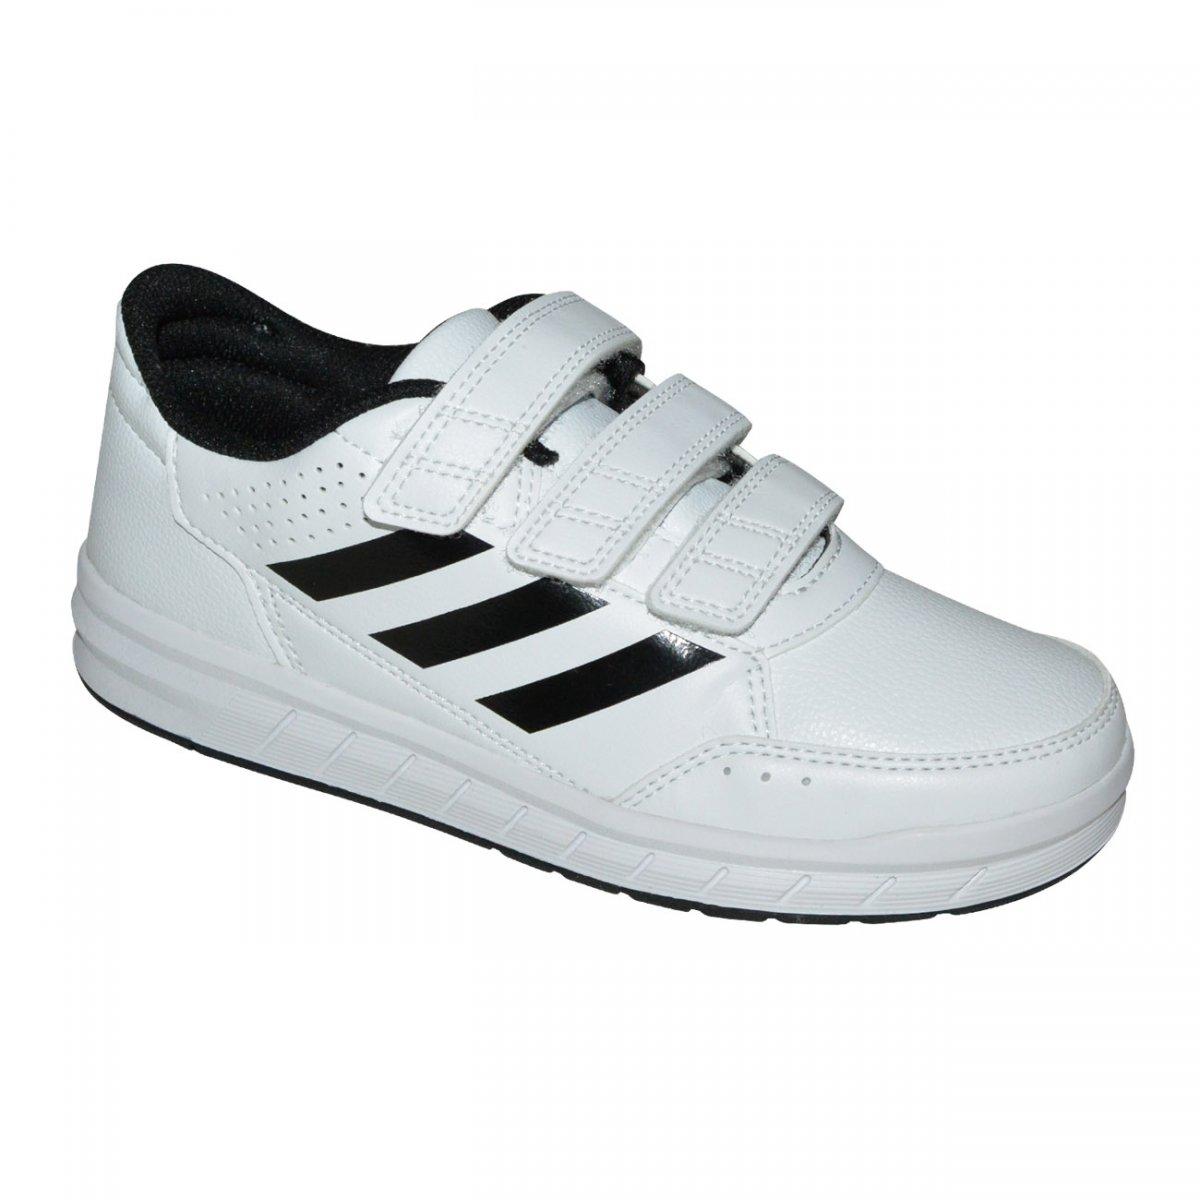 de6cb97d1e5 Tenis Adidas AltaSport CF K Infantil BA7458 - Branco Preto - Chuteira Nike